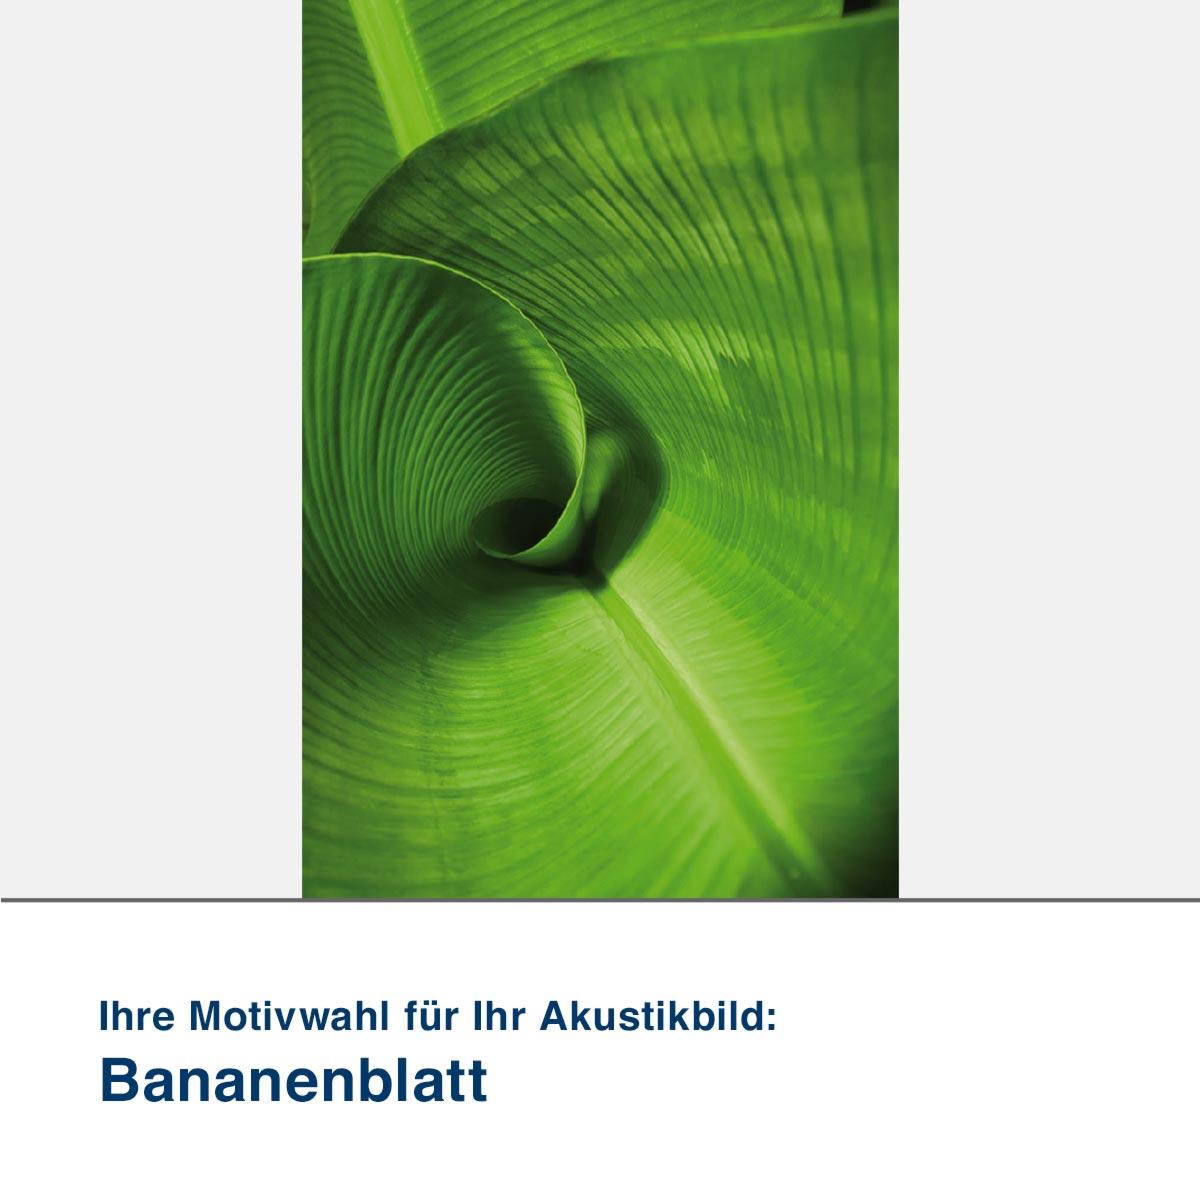 Akustikbild Motiv Bananenblatt